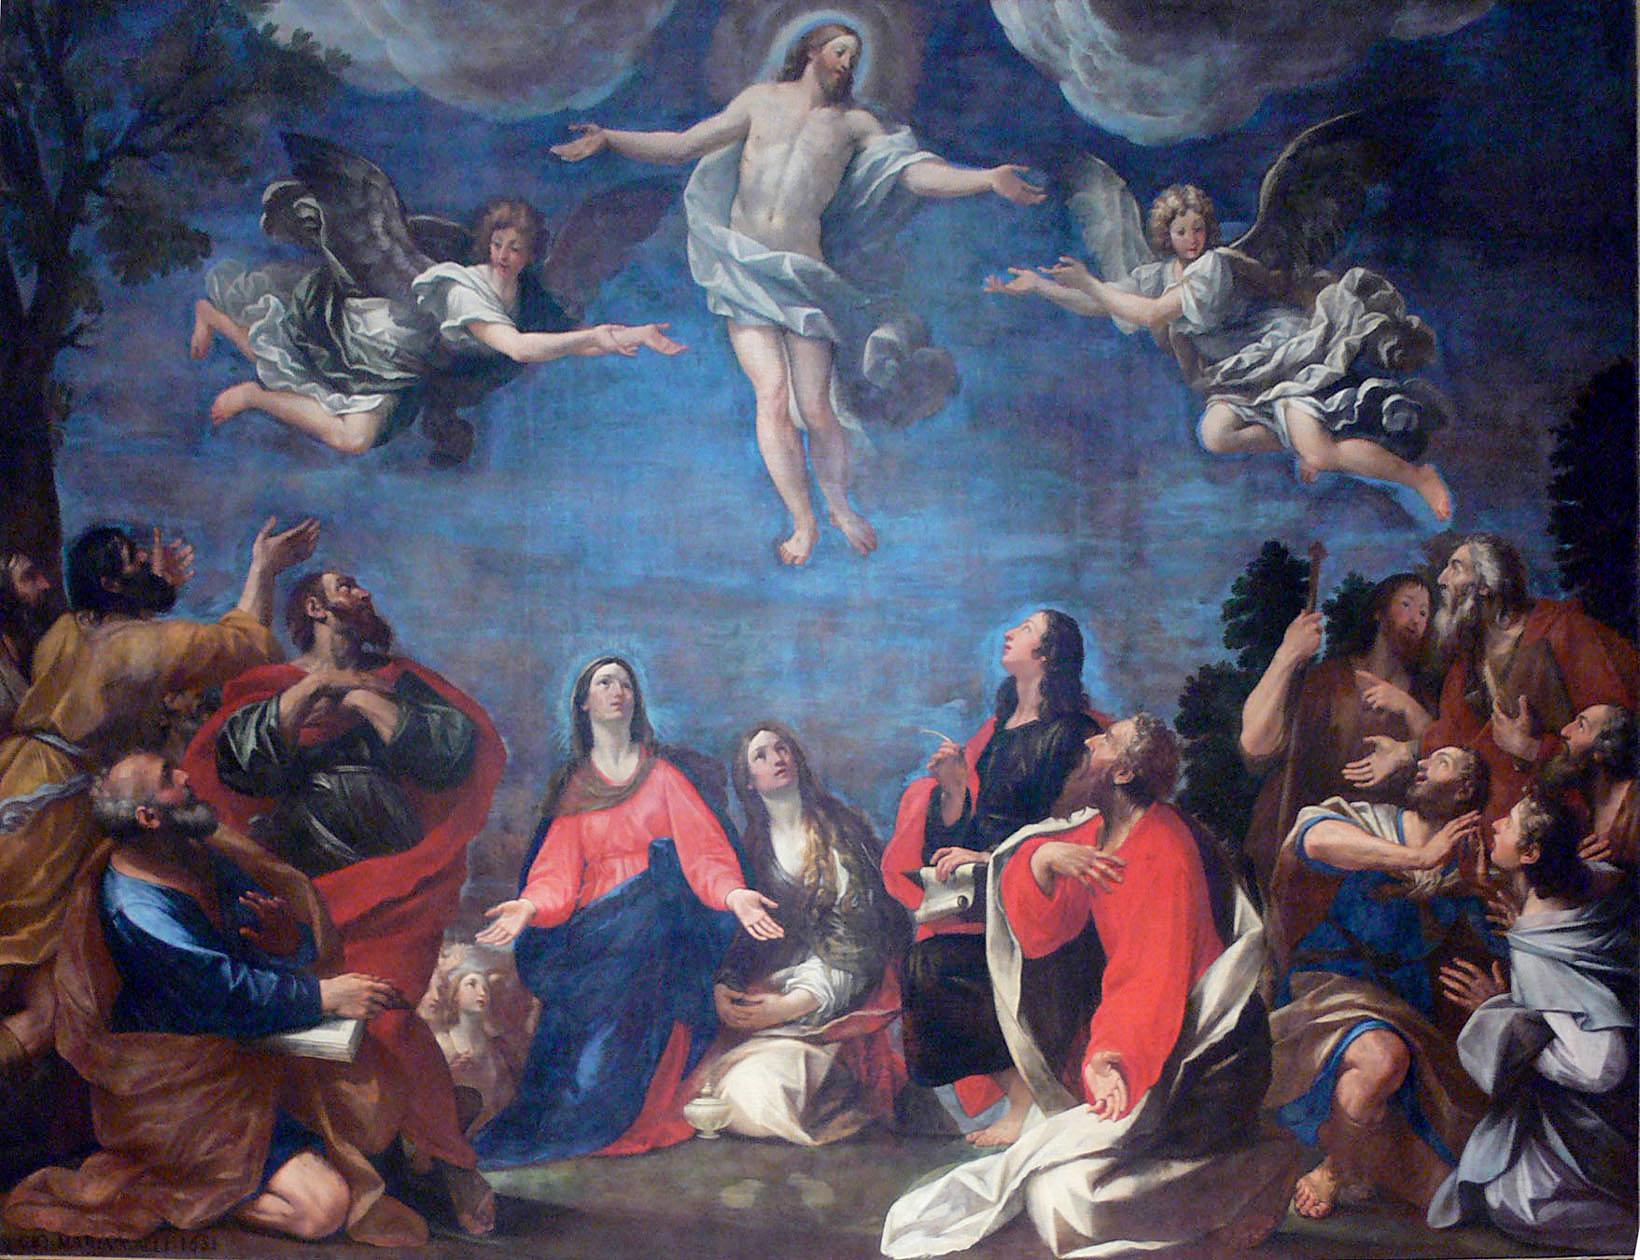 Kunga Debeskāpšanas svētki 21.05.20.